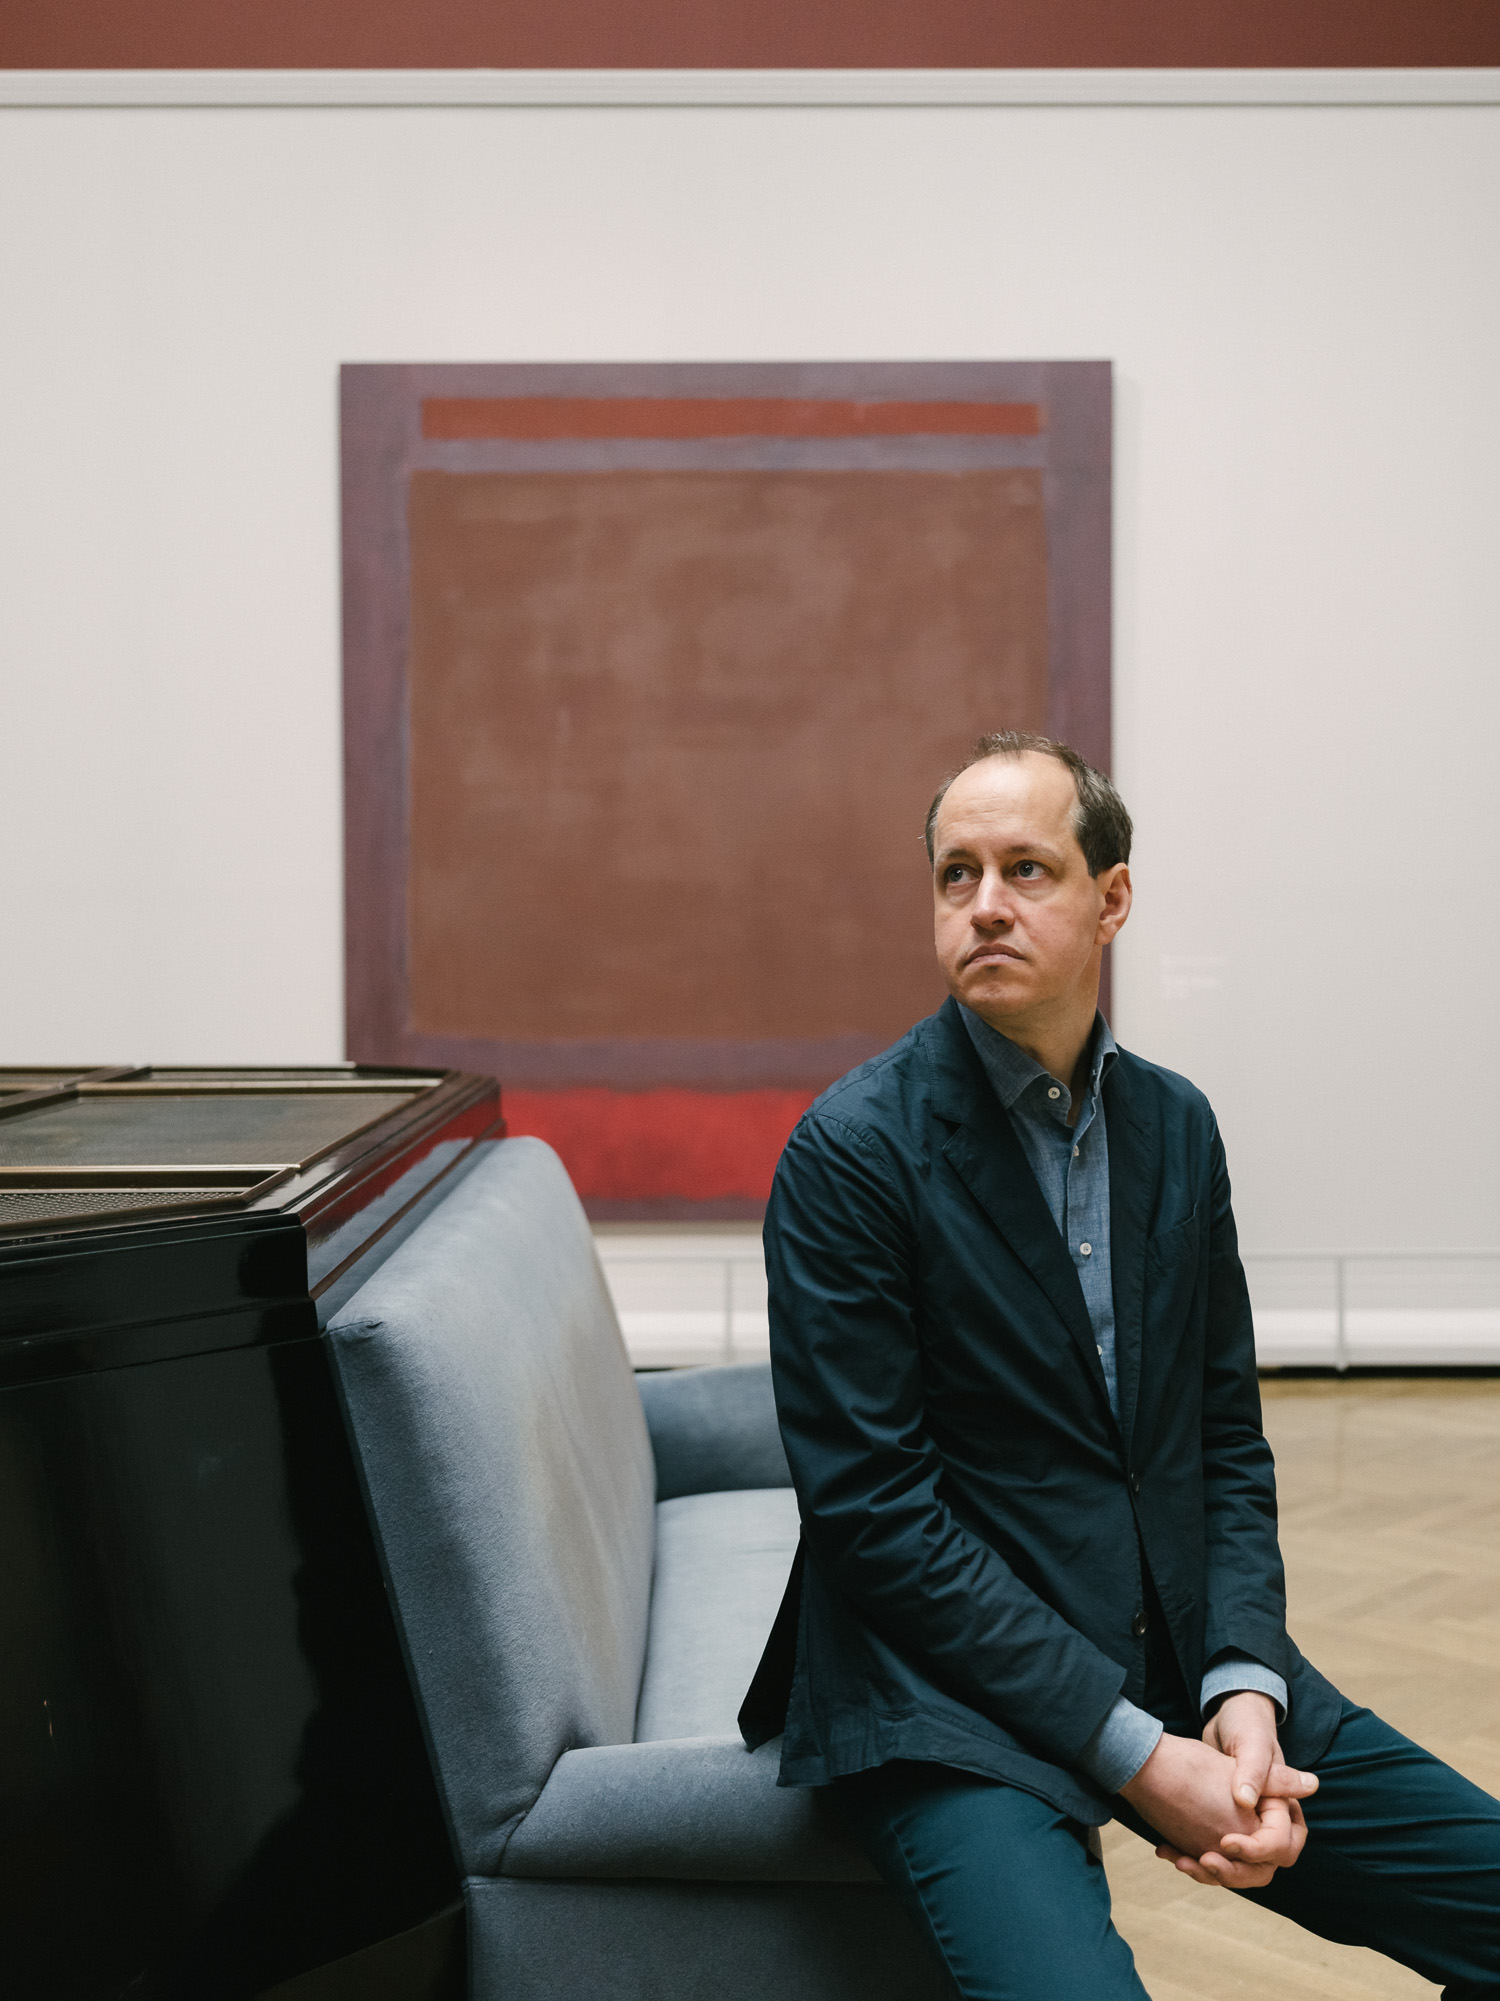 VIENNA, AUSTRIA - March 10, 2019: Mark Rothko exhibition curated by Jasper Sharp at Kunsthistorisches Museum (Art History Museum) in Vienna, Austria.